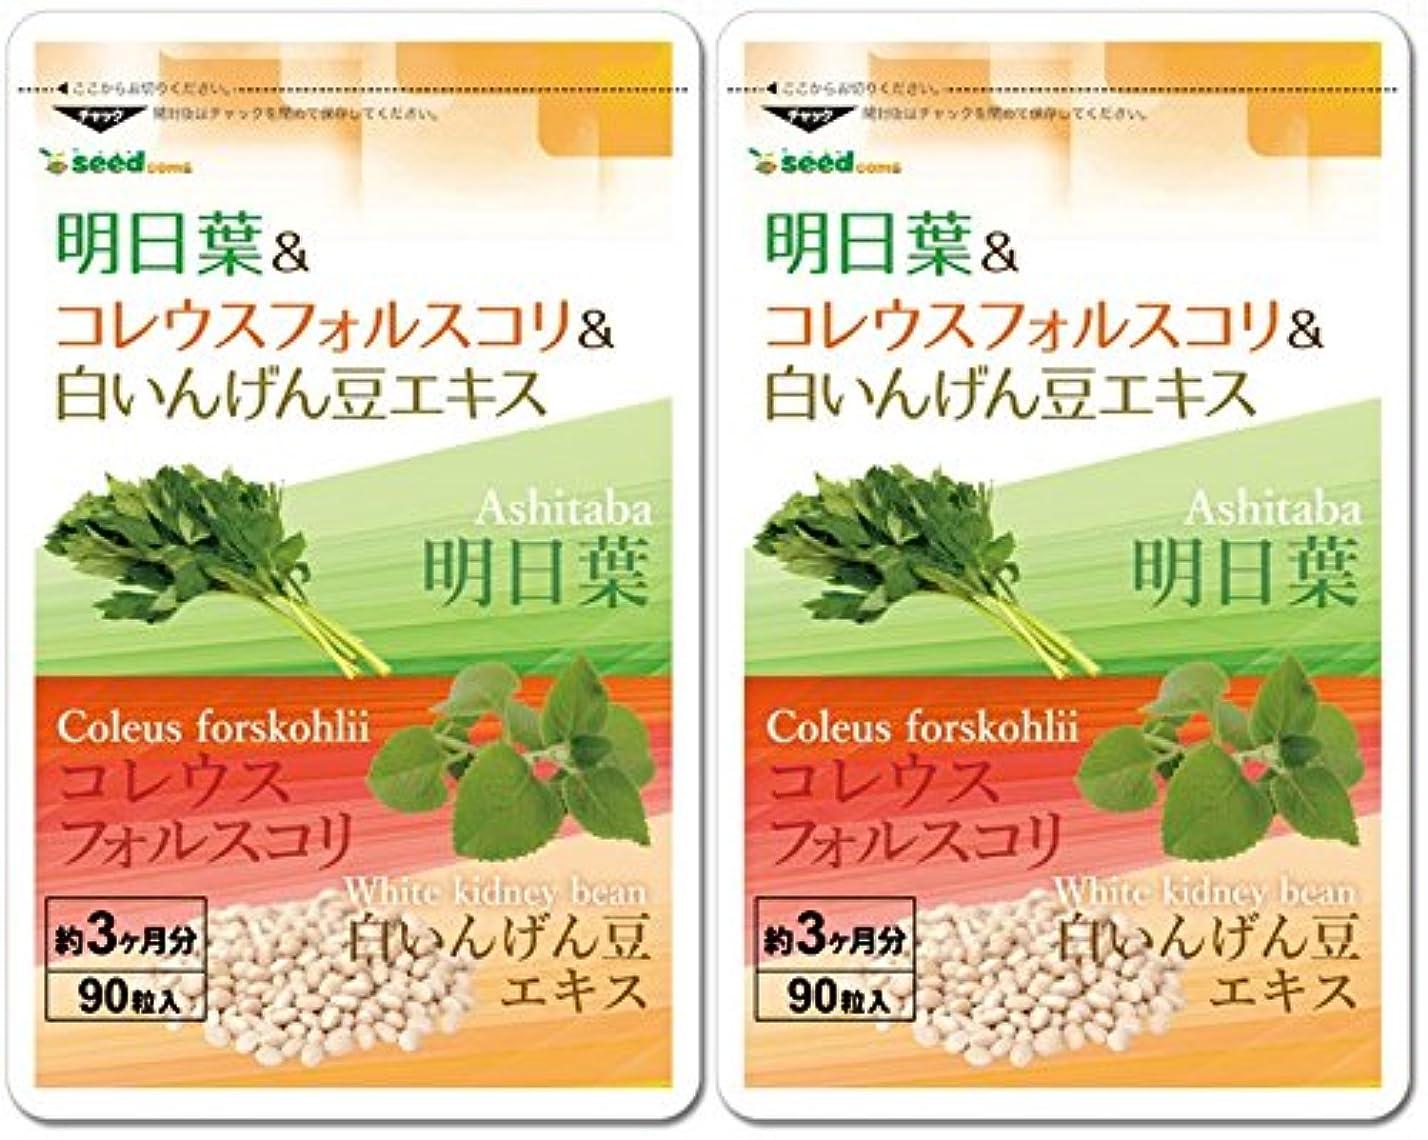 収穫取り組むオーストラリア明日葉&コレウスフォルスコリ&白いんげん豆エキス (約6ヶ月分/180粒) スッキリ&燃焼系&糖質バリアの3大ダイエット成分